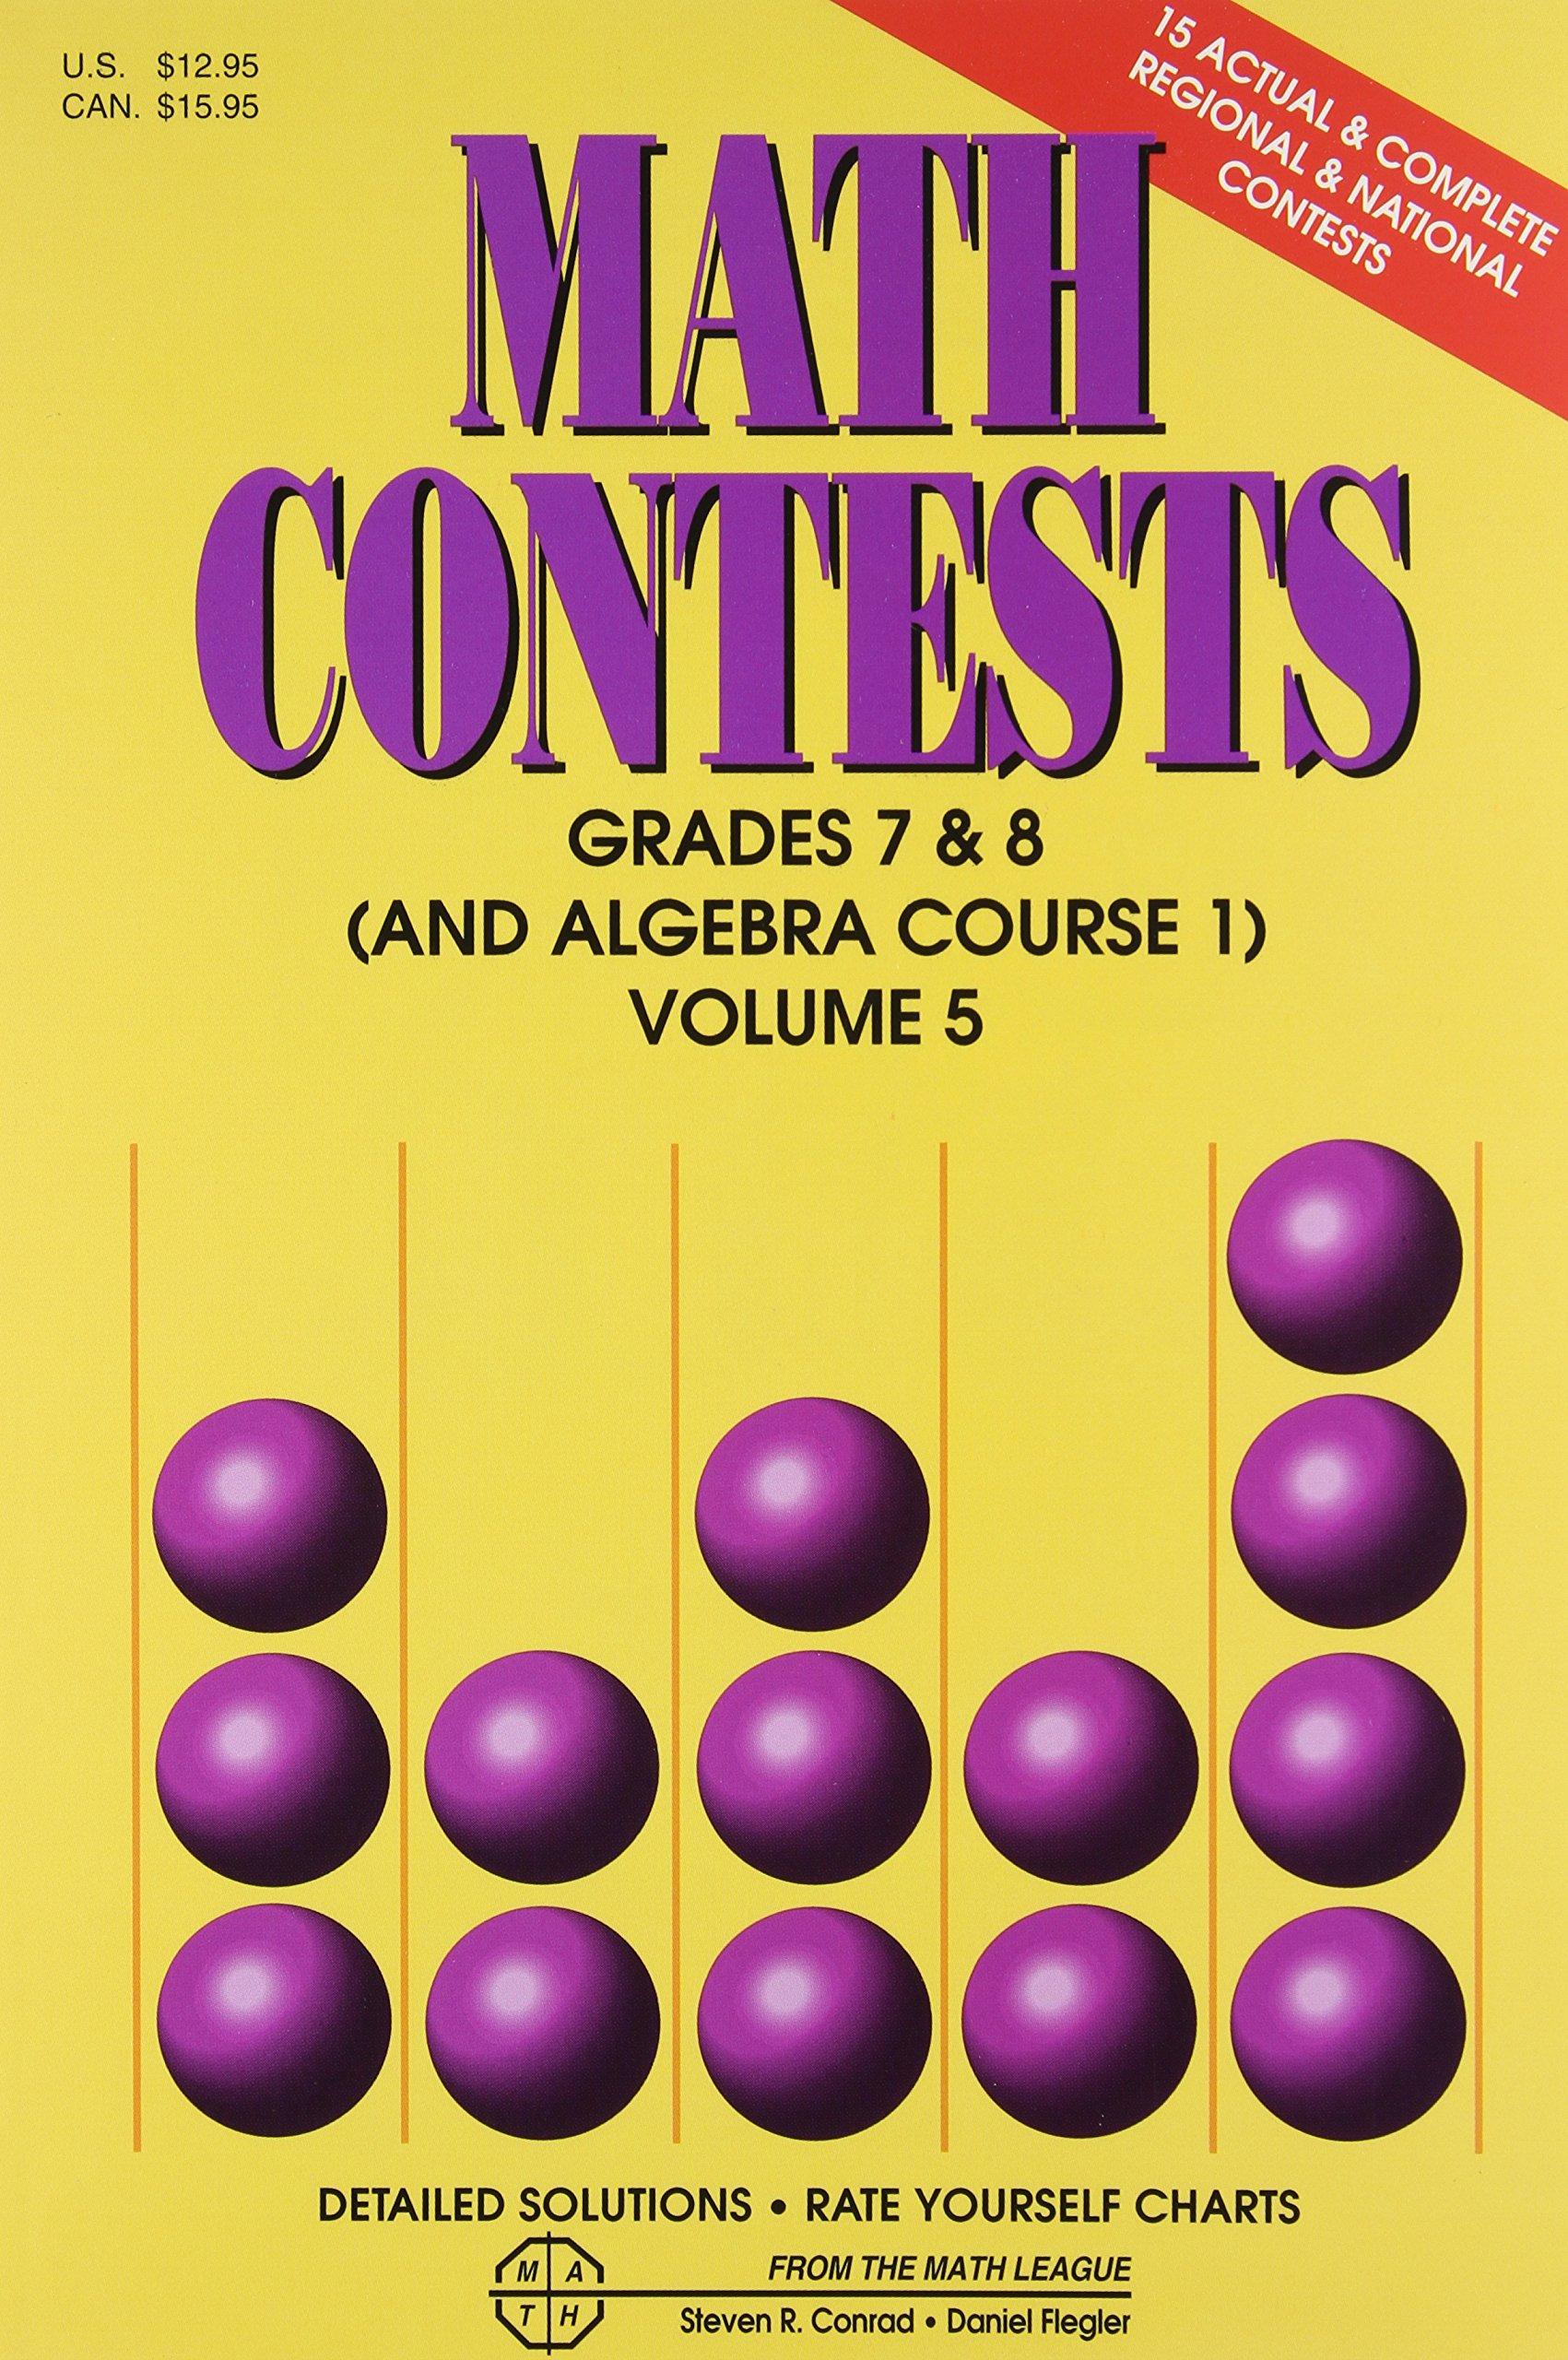 Amazon.com: Math Contests: Grades 7 & 8 (And Algebra Course 1), Volume 5  (9780940805163): Steven R. Conrad, Daniel Flegler: Books